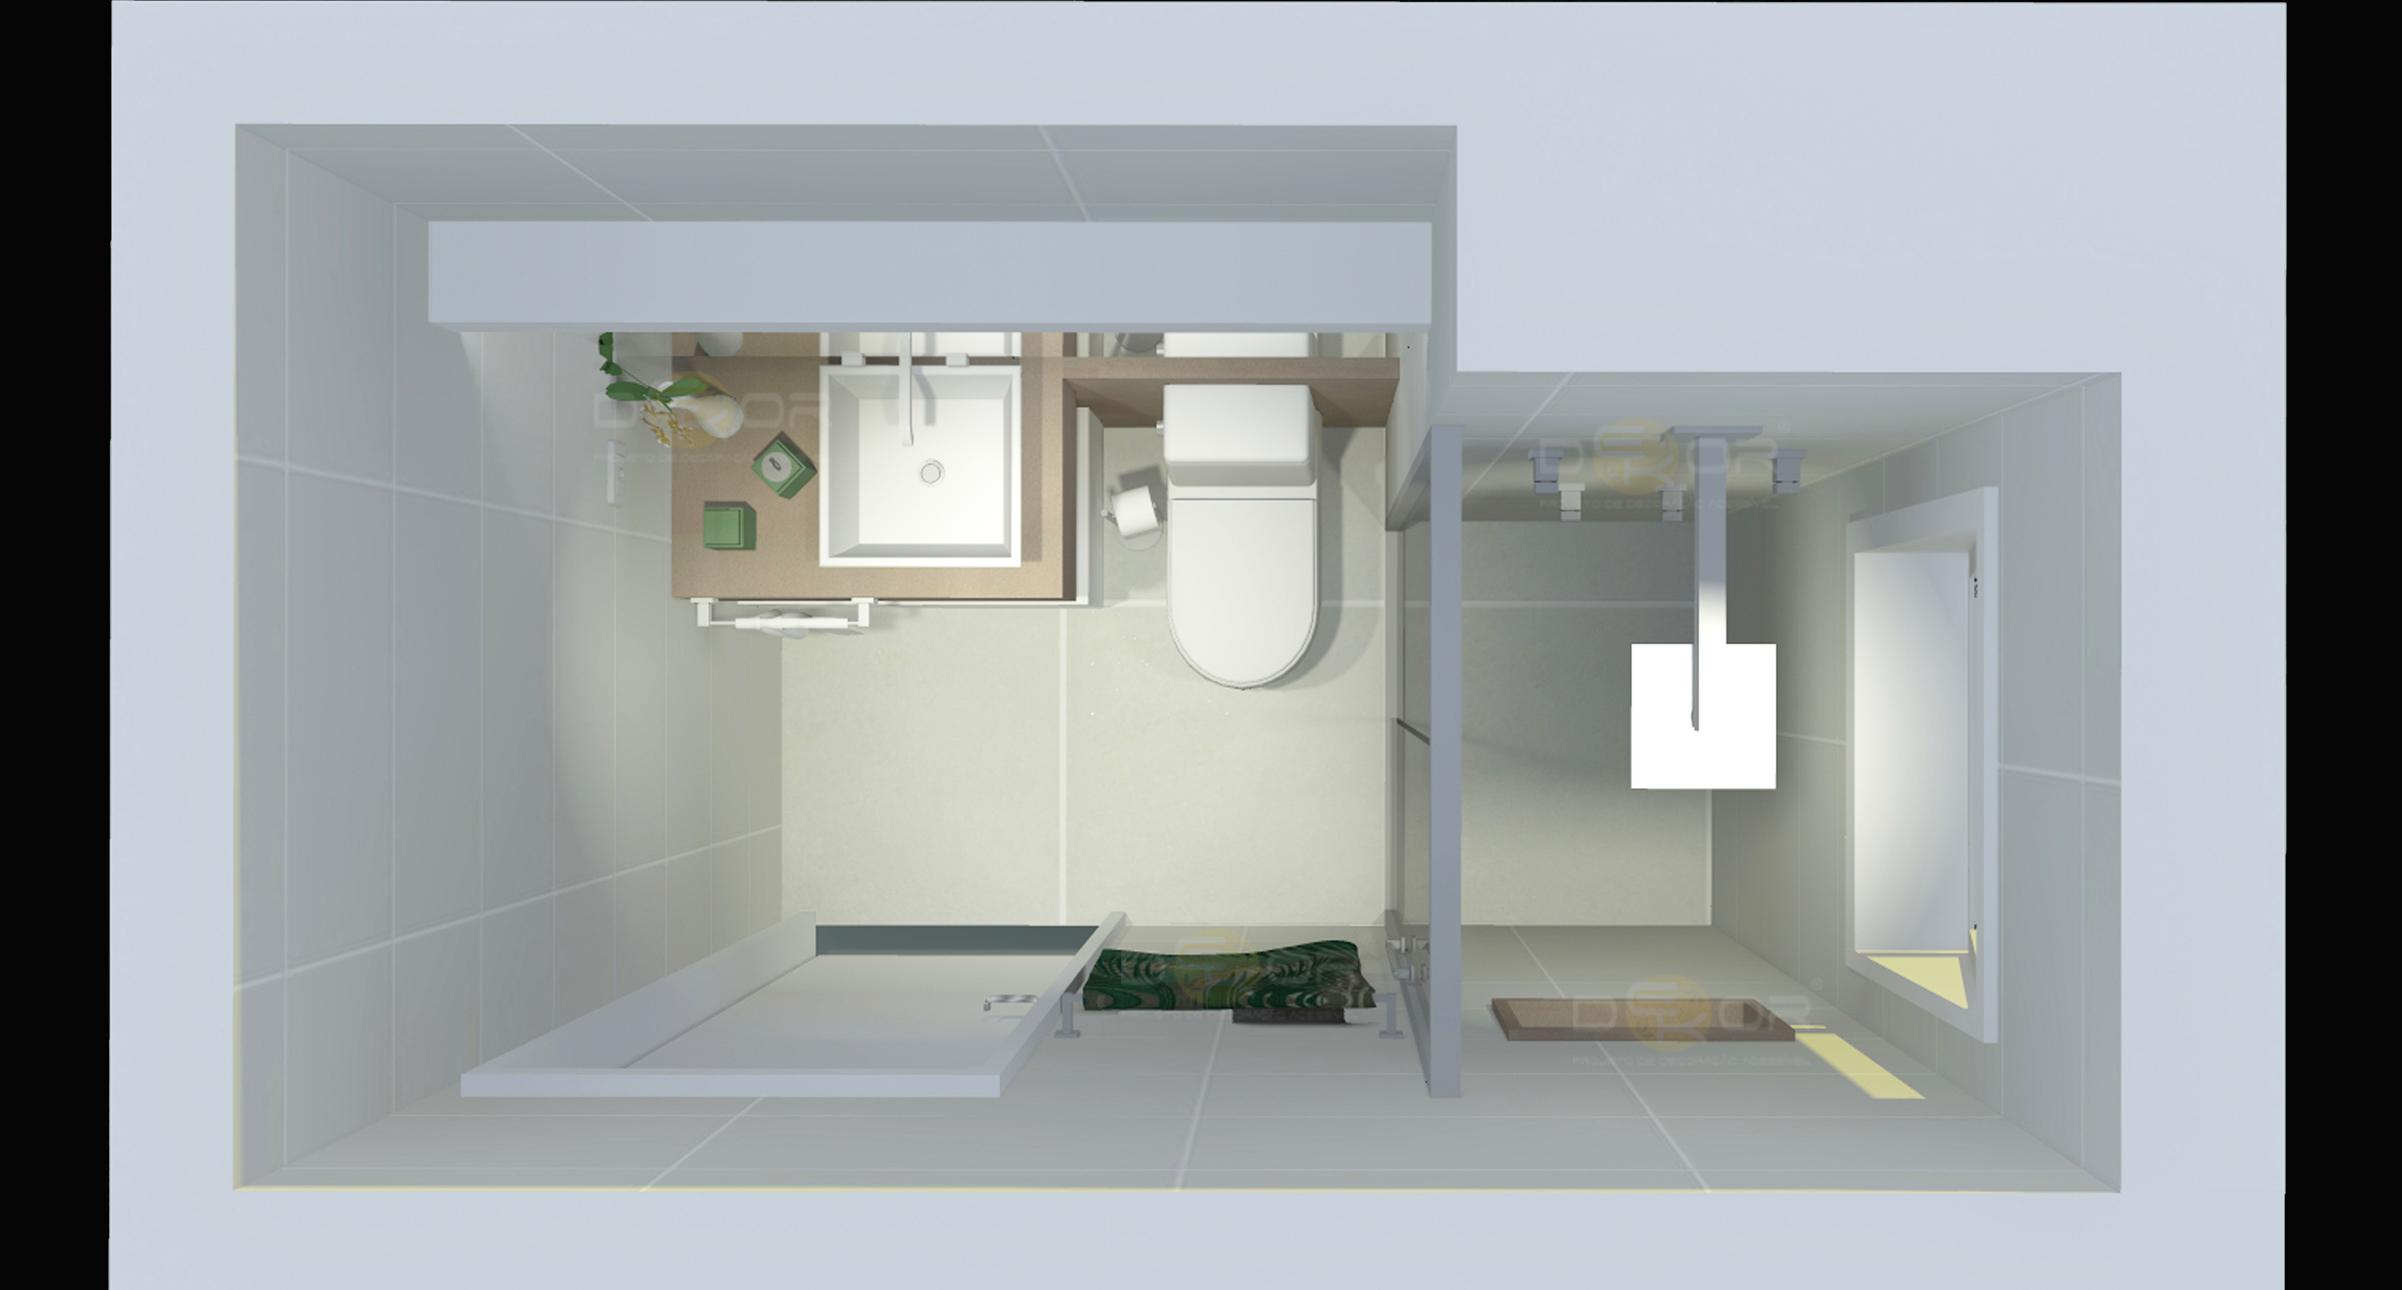 Projeto de Banheiro – Decoração Online #20 Erika Karpuk #796B52 2402 1290